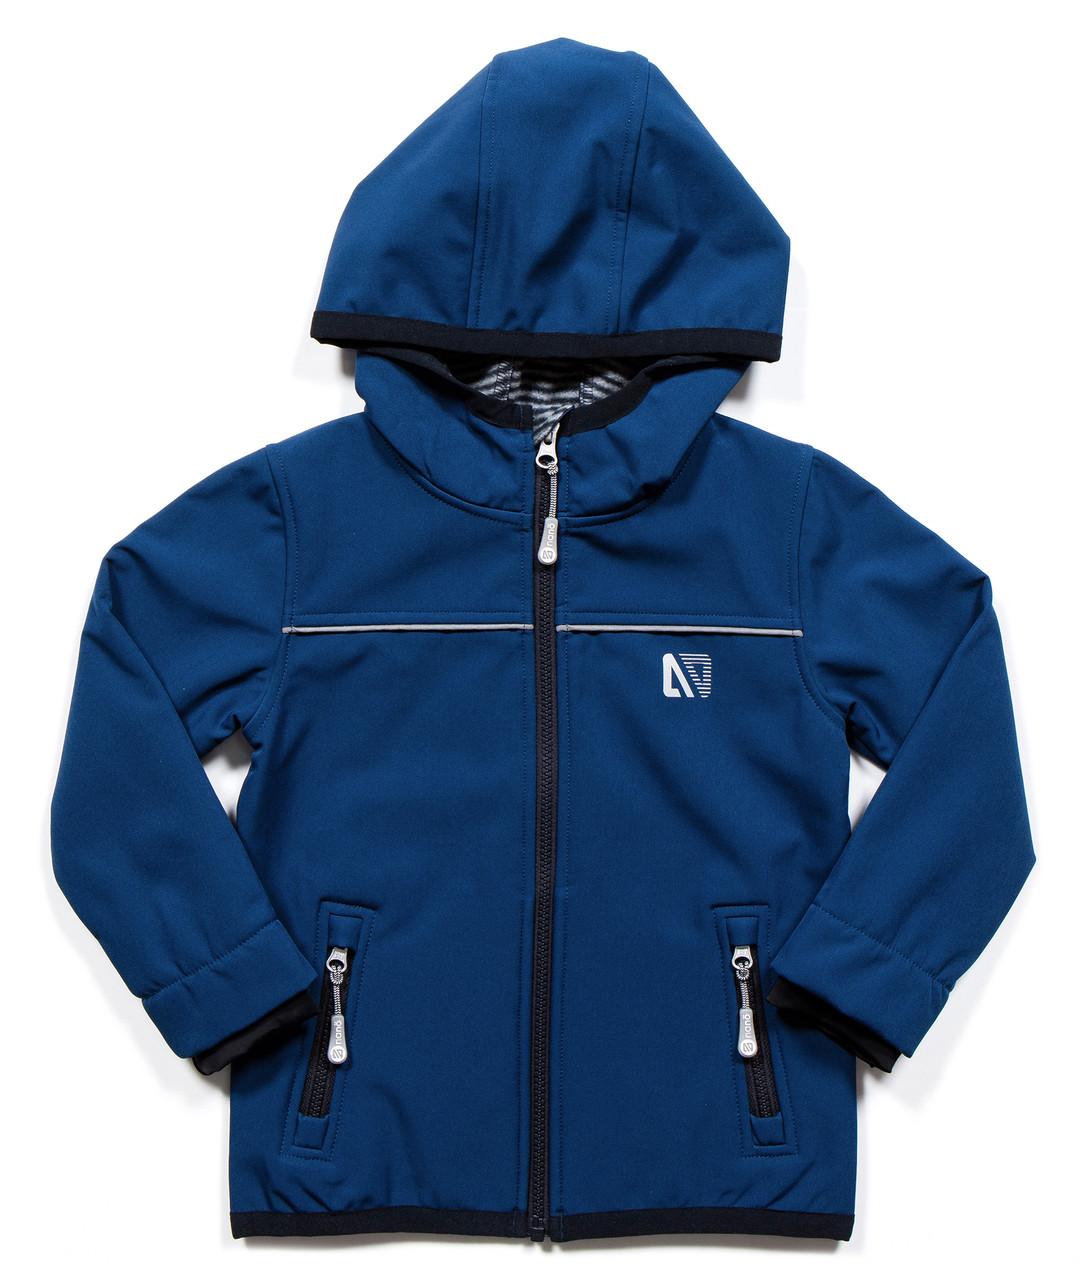 Демисезонная куртка SOFTSHELL для мальчика Blue Jay Mix